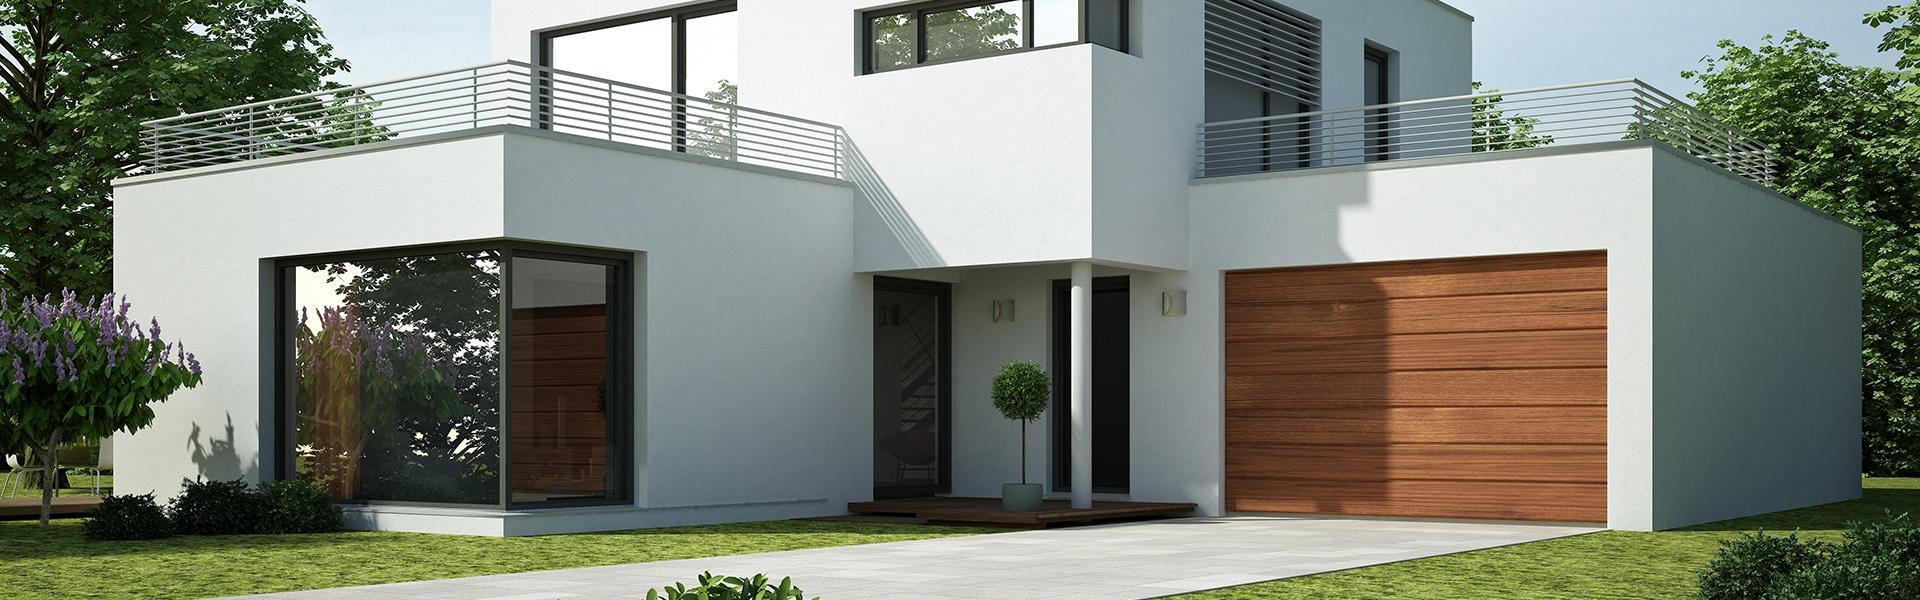 Extension Et Agrandissement De Maison Avec Toit Plat : Guide ... serapportantà Terrasse Toit Plat